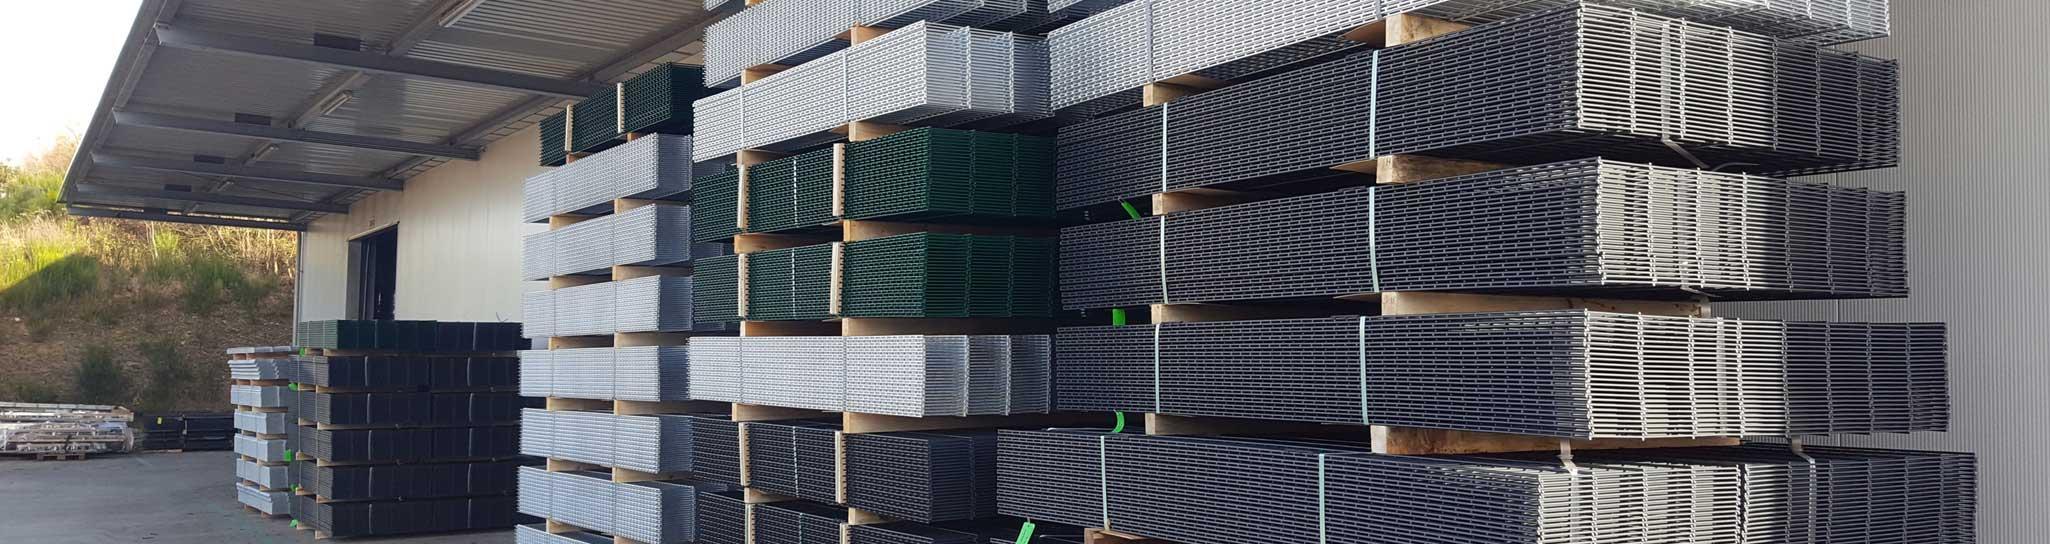 Doppelstabmattenzaun vom Hersteller kaufen › zaundiscount